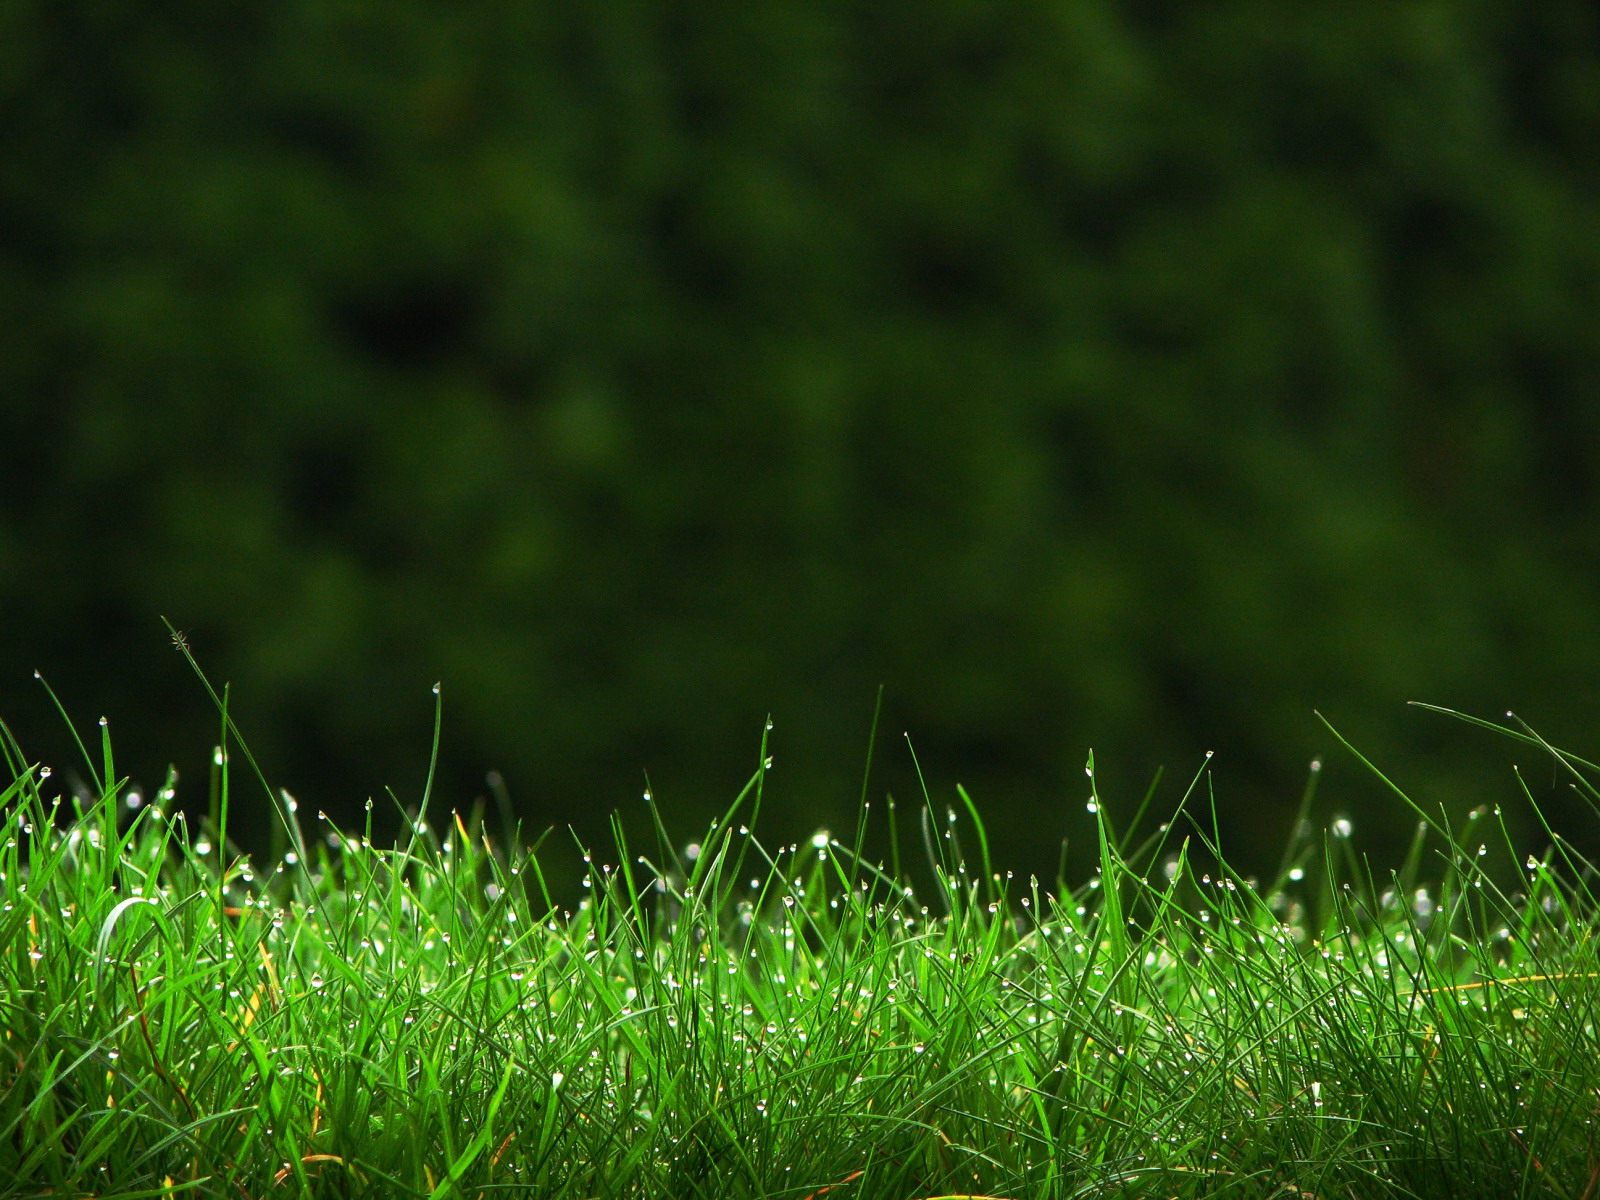 nằm mơ thấy cỏ